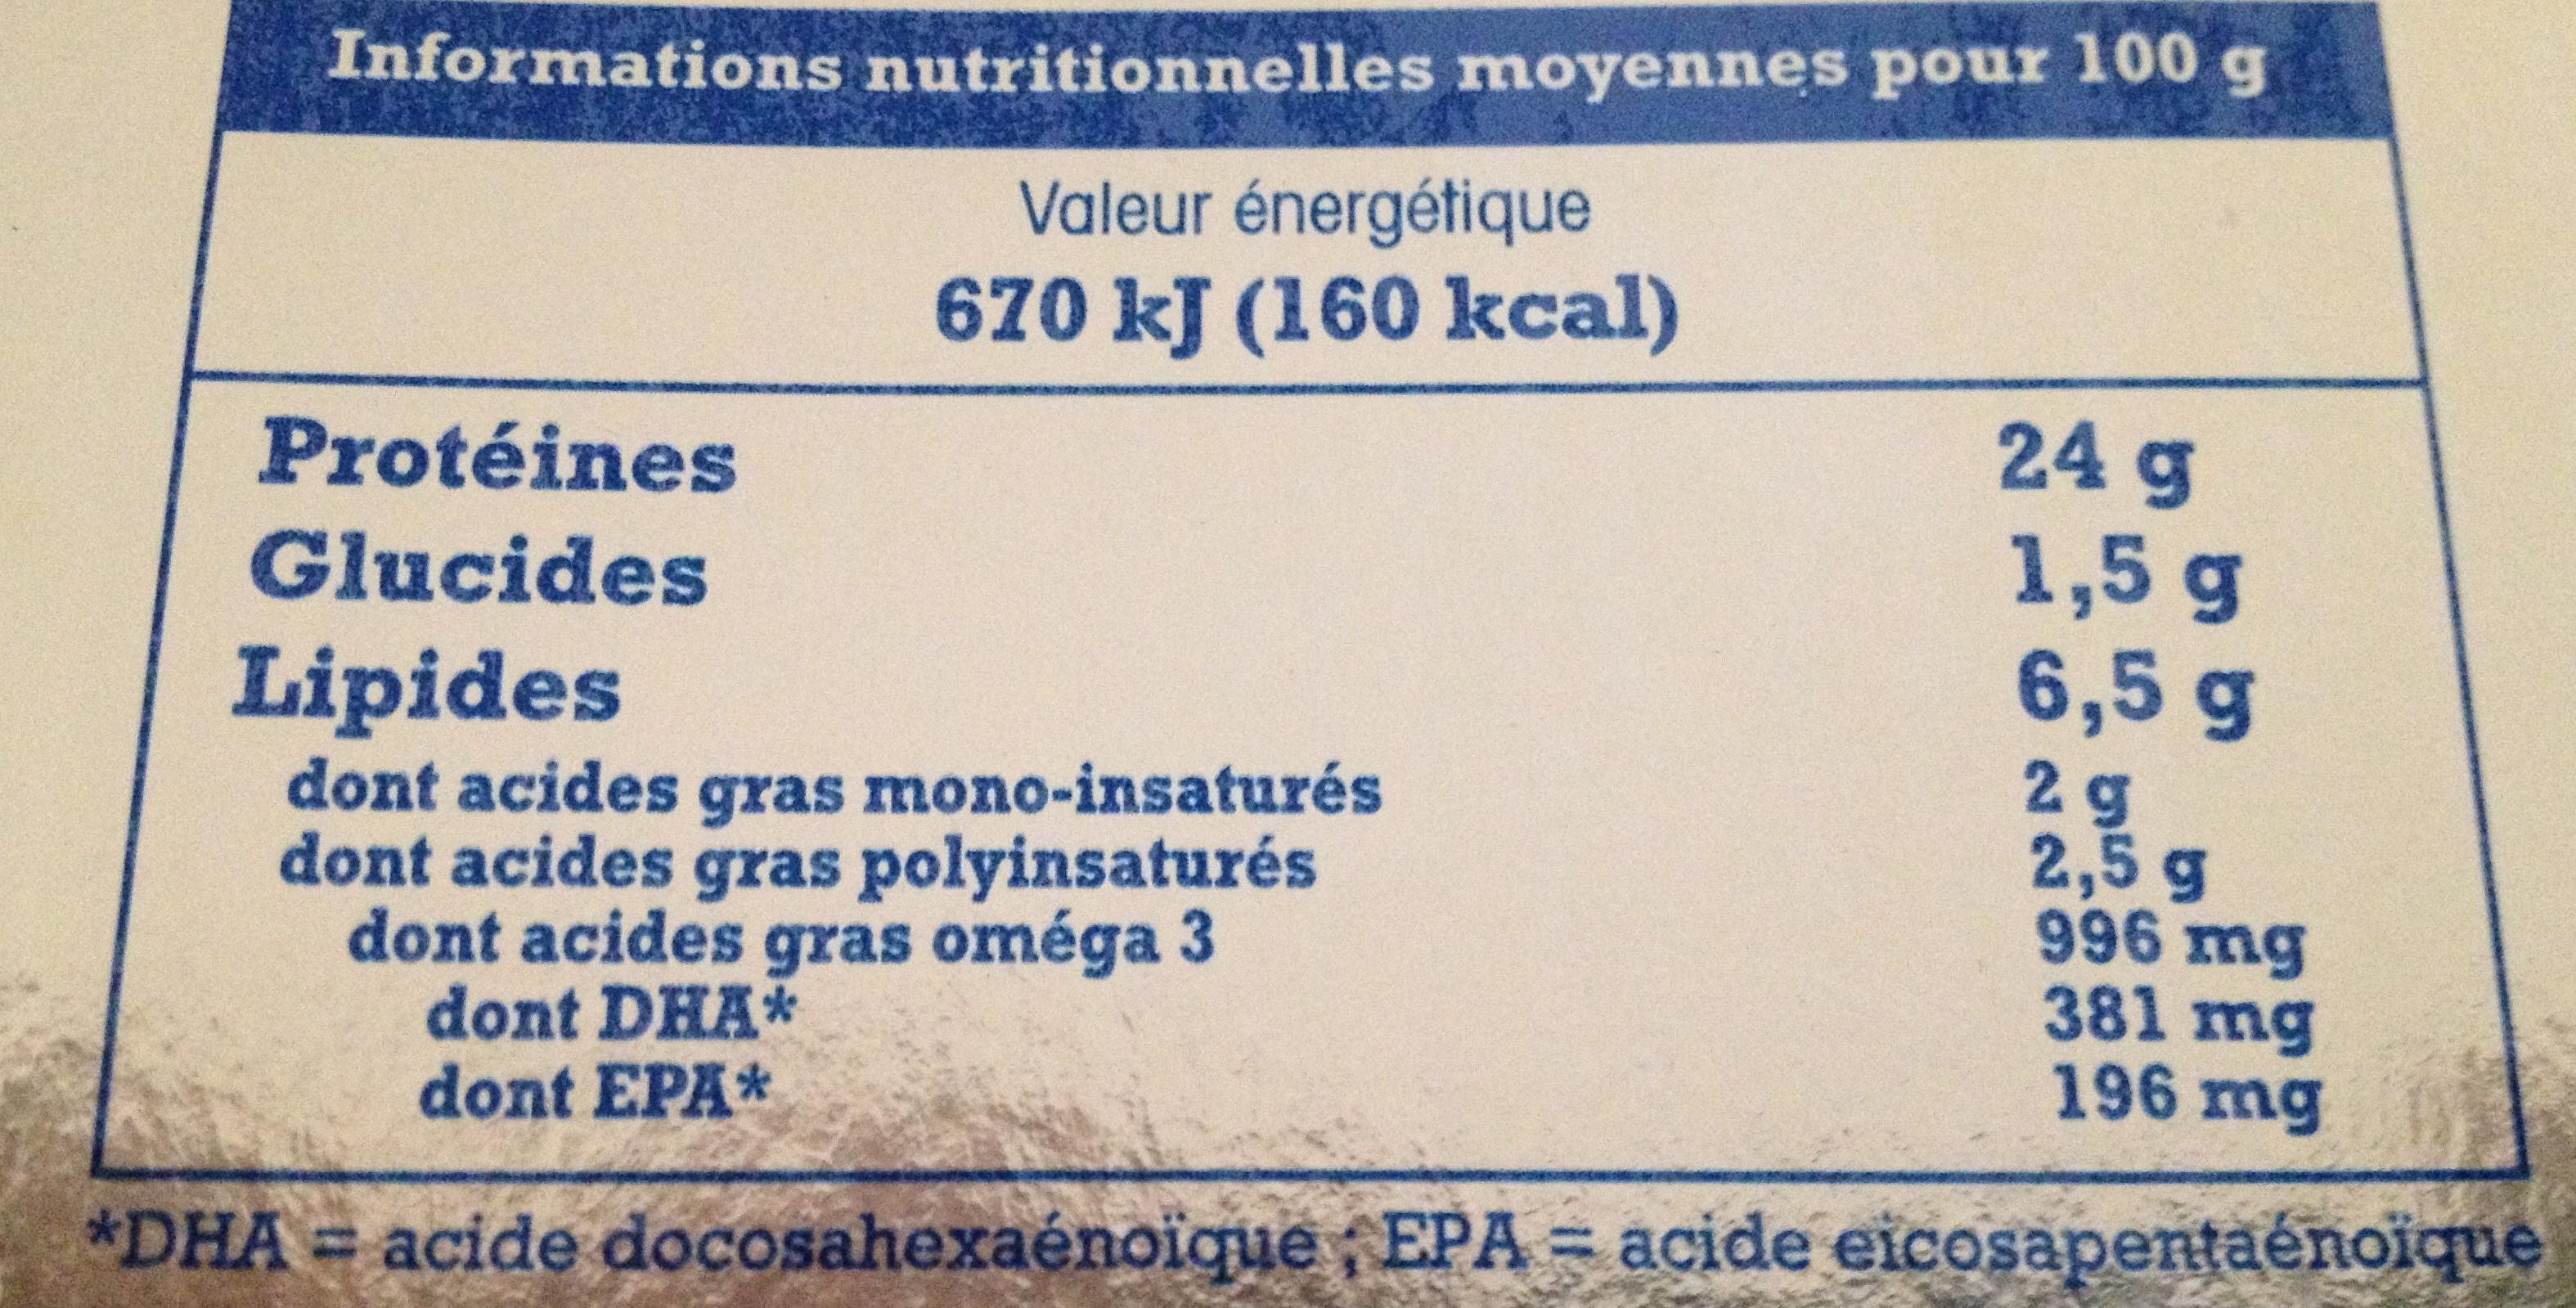 Truite fumée au bois de hêtre label Rouge (4 tranches) 120 g - Nutrition facts - fr